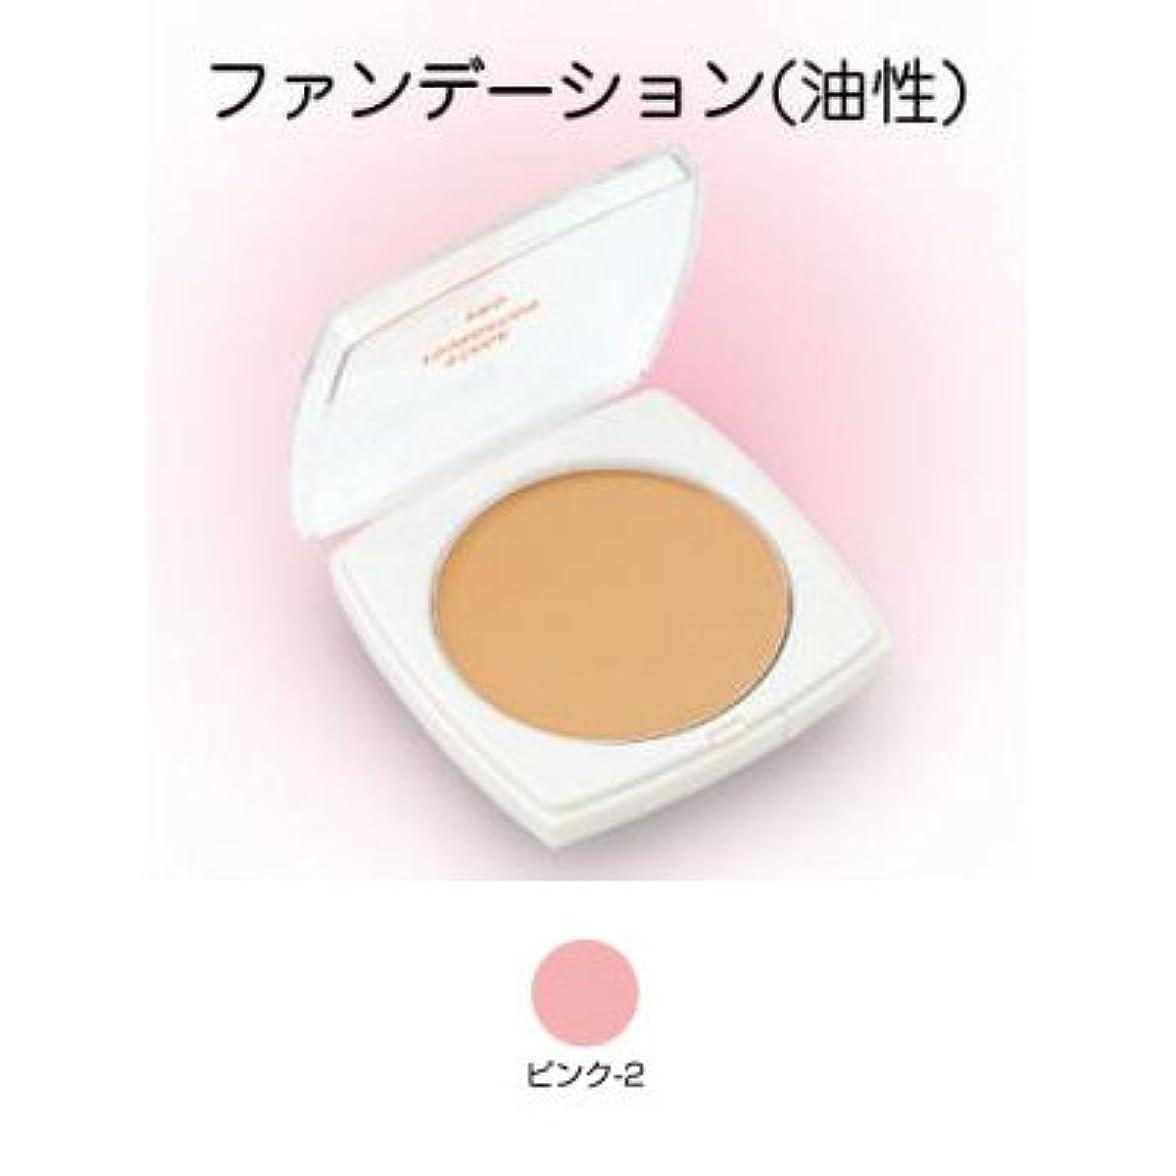 スプーン便宜バラエティステージファンデーション プロ 13g ピンク-2 【三善】